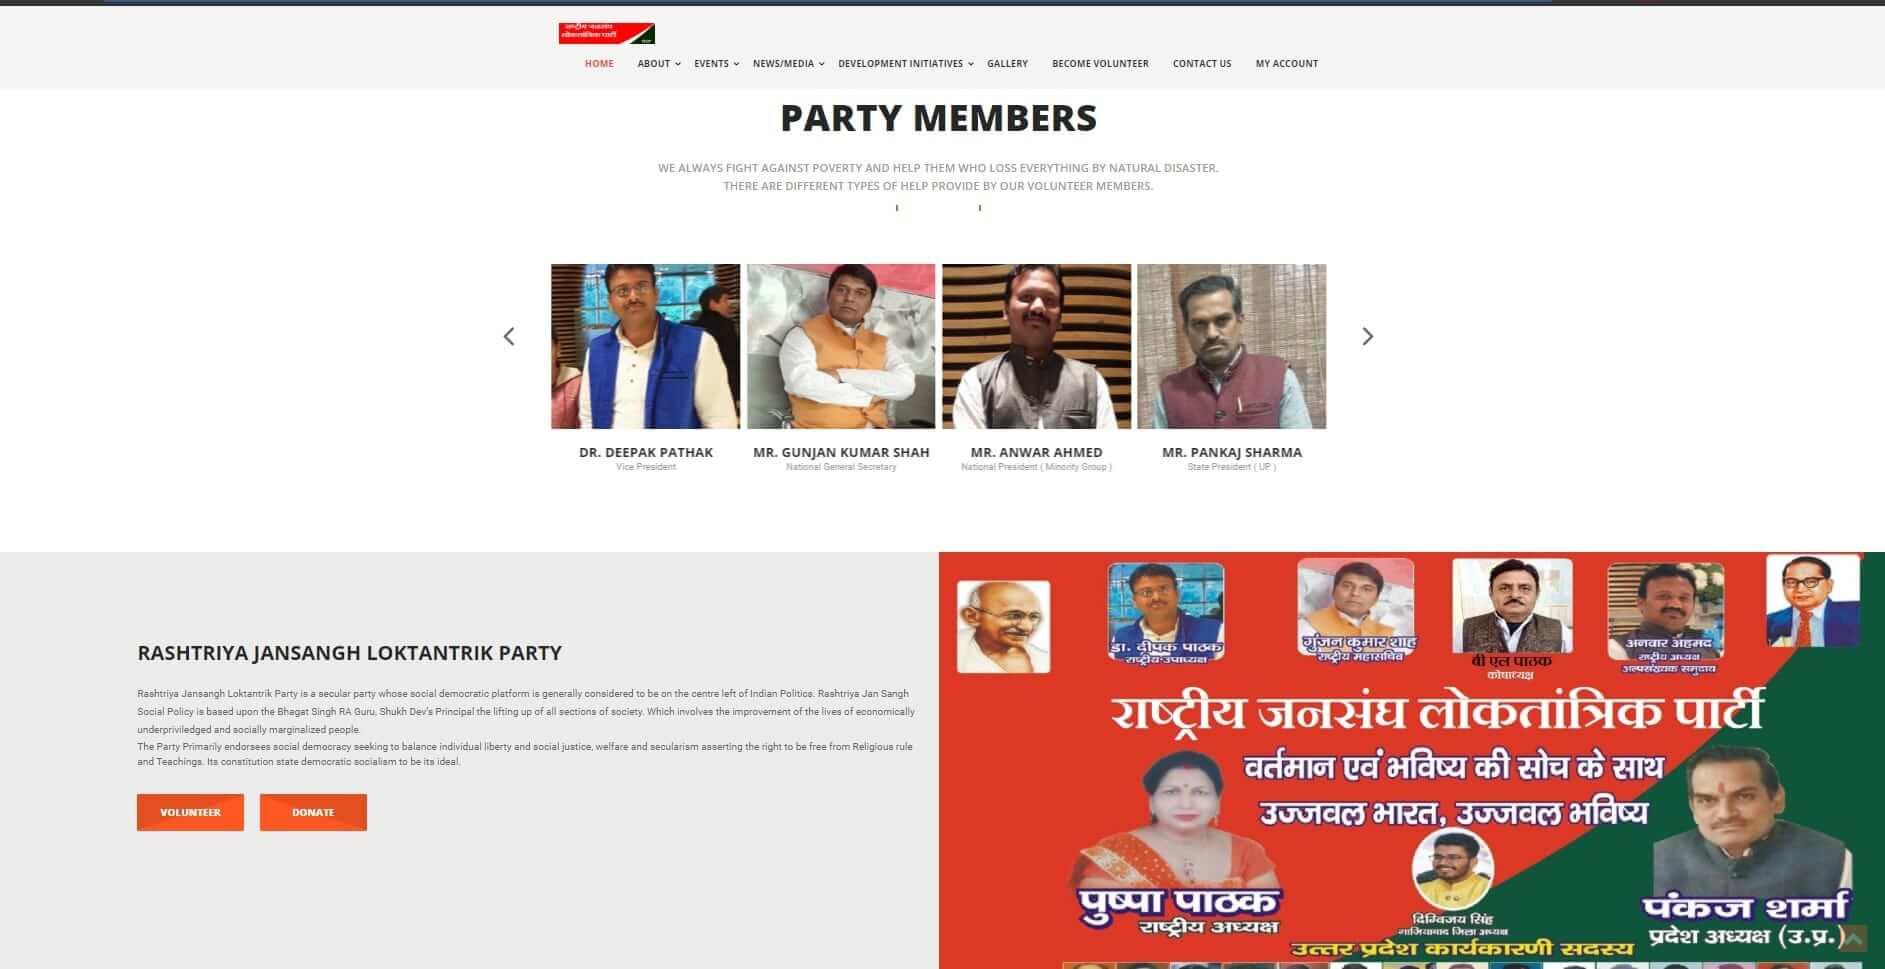 Rashtriya Jansangh Party